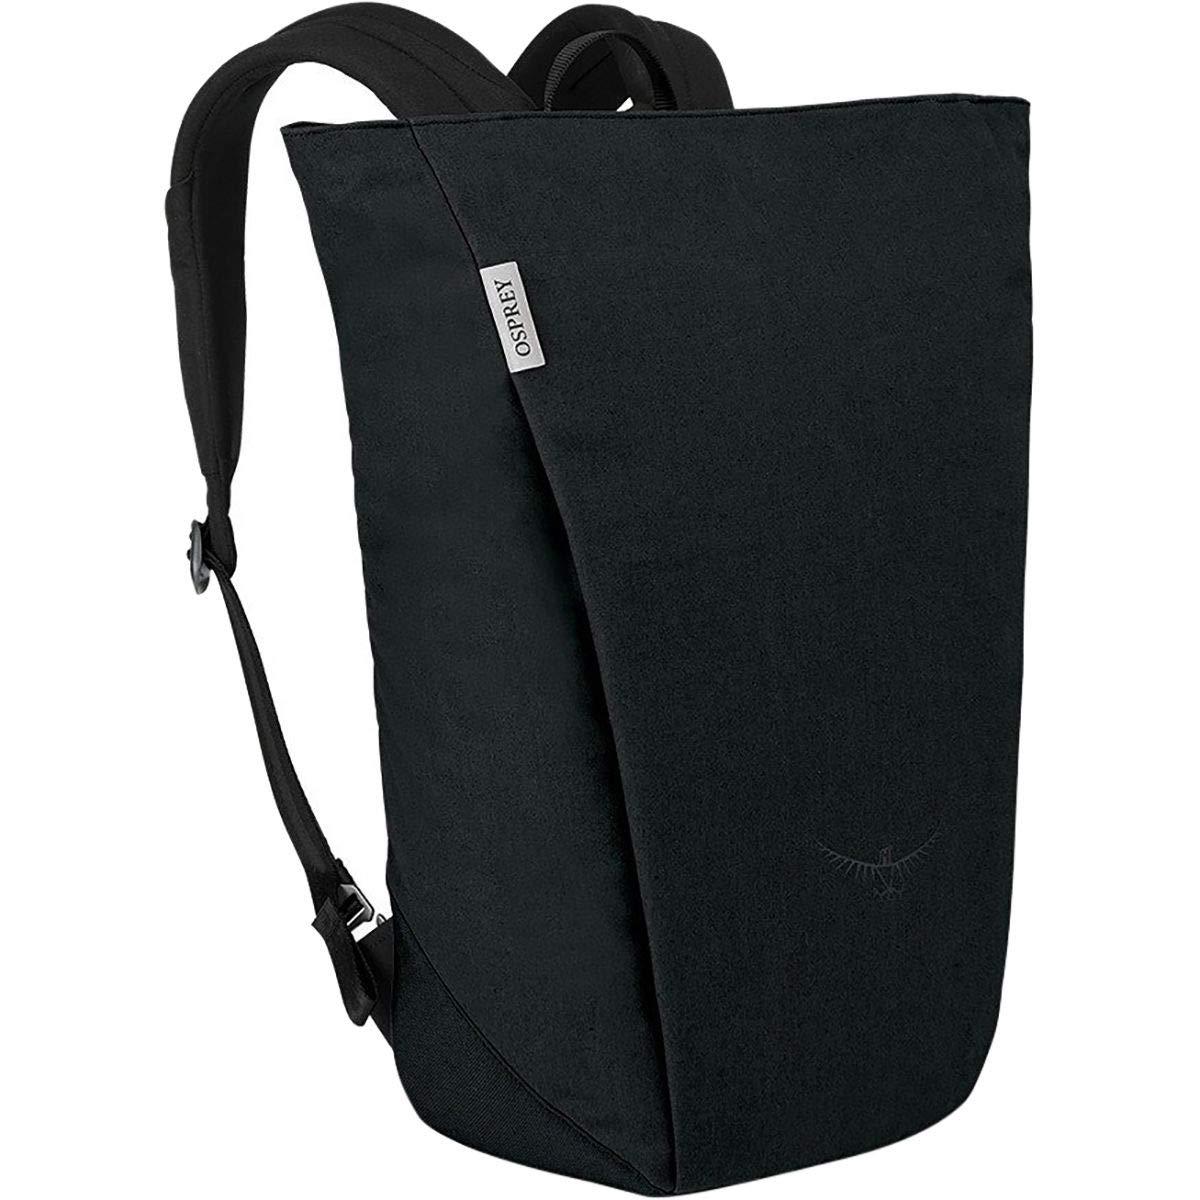 [オスプレーパック] メンズ バックパックリュックサック Arcane Large 18L Backpack [並行輸入品] B07JZ7GT2B  No-Size